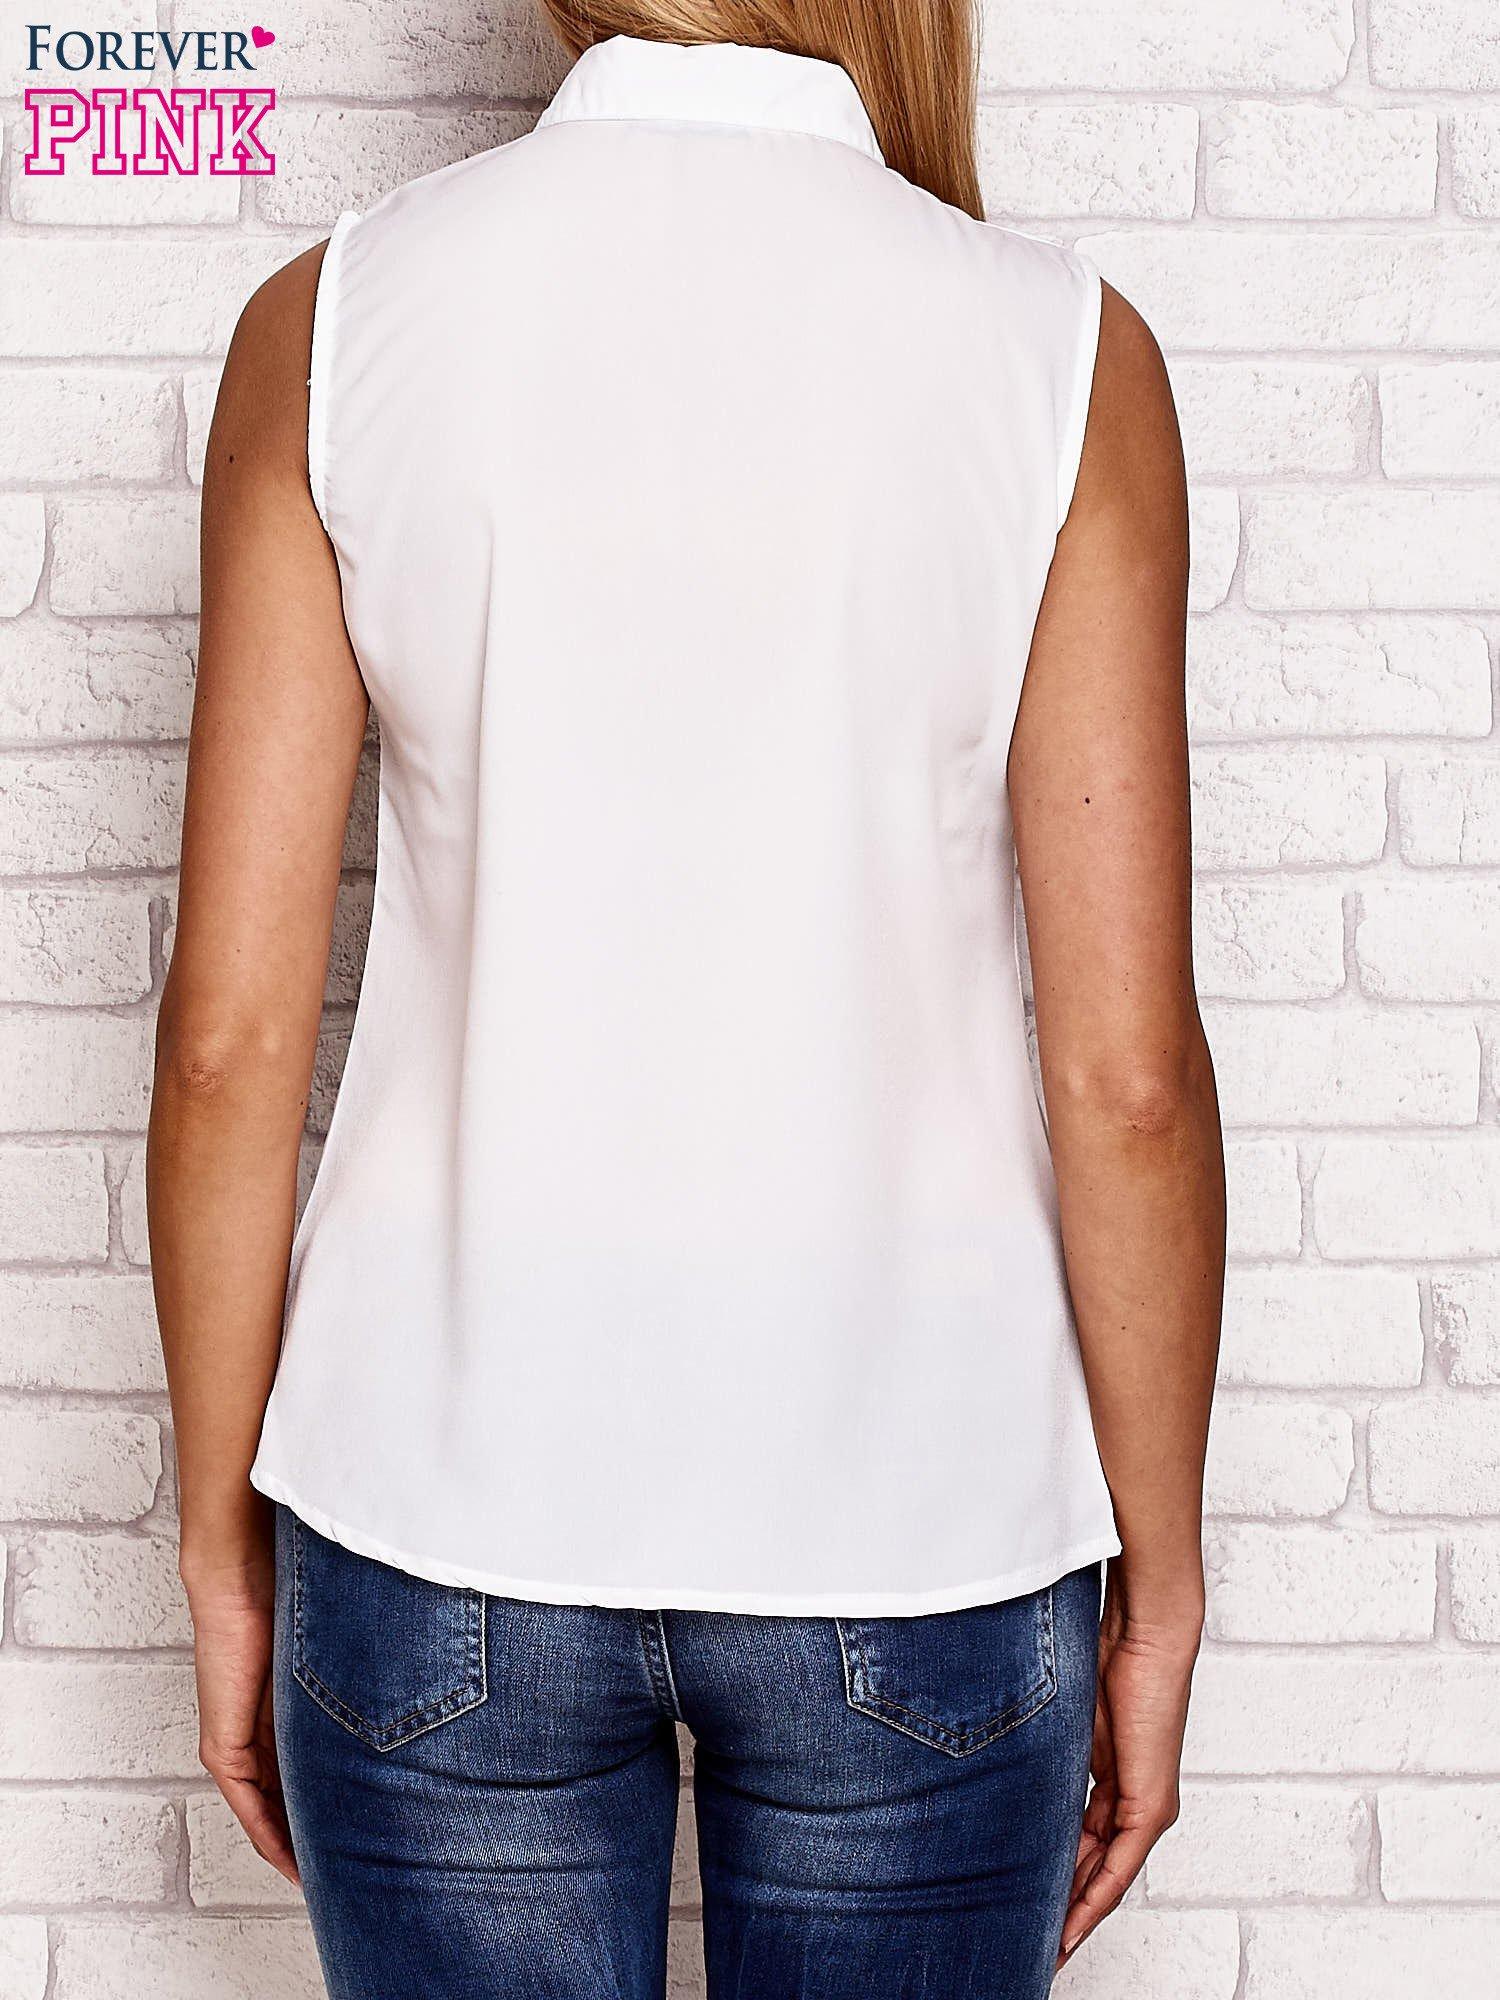 Biała koszula bez rękawów z kobiecym nadrukiem